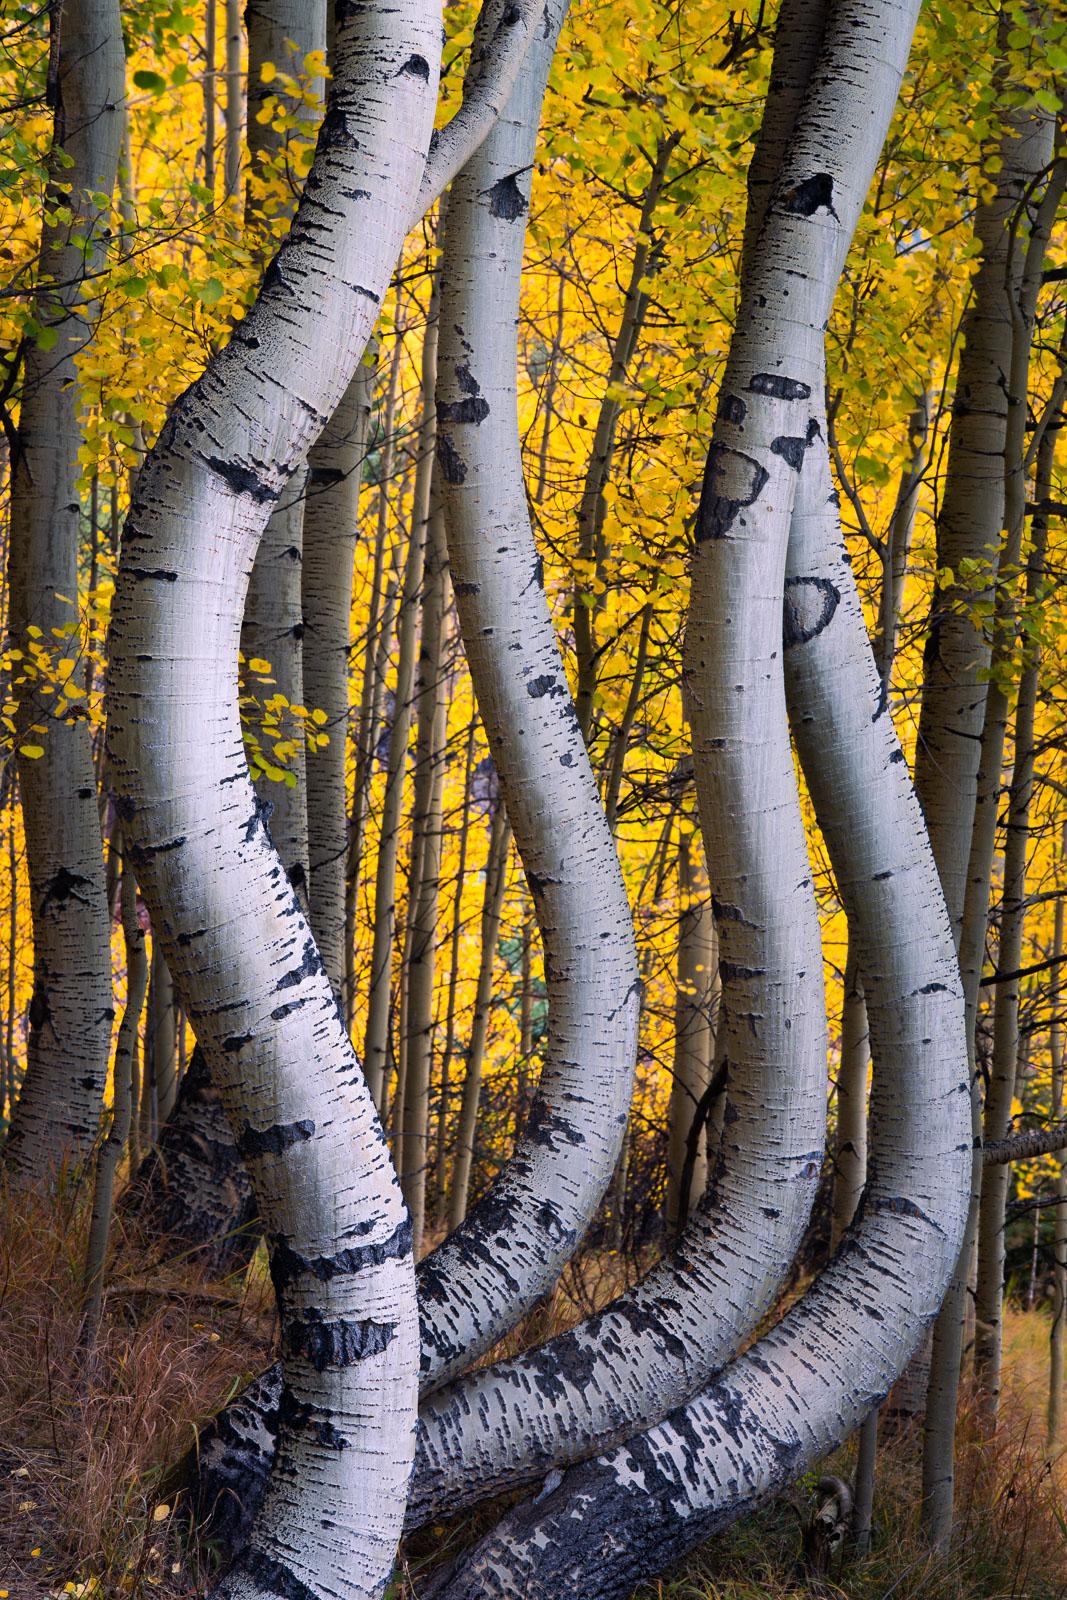 Curvy aspens captured in peak autumn color near Telluride, Colorado.